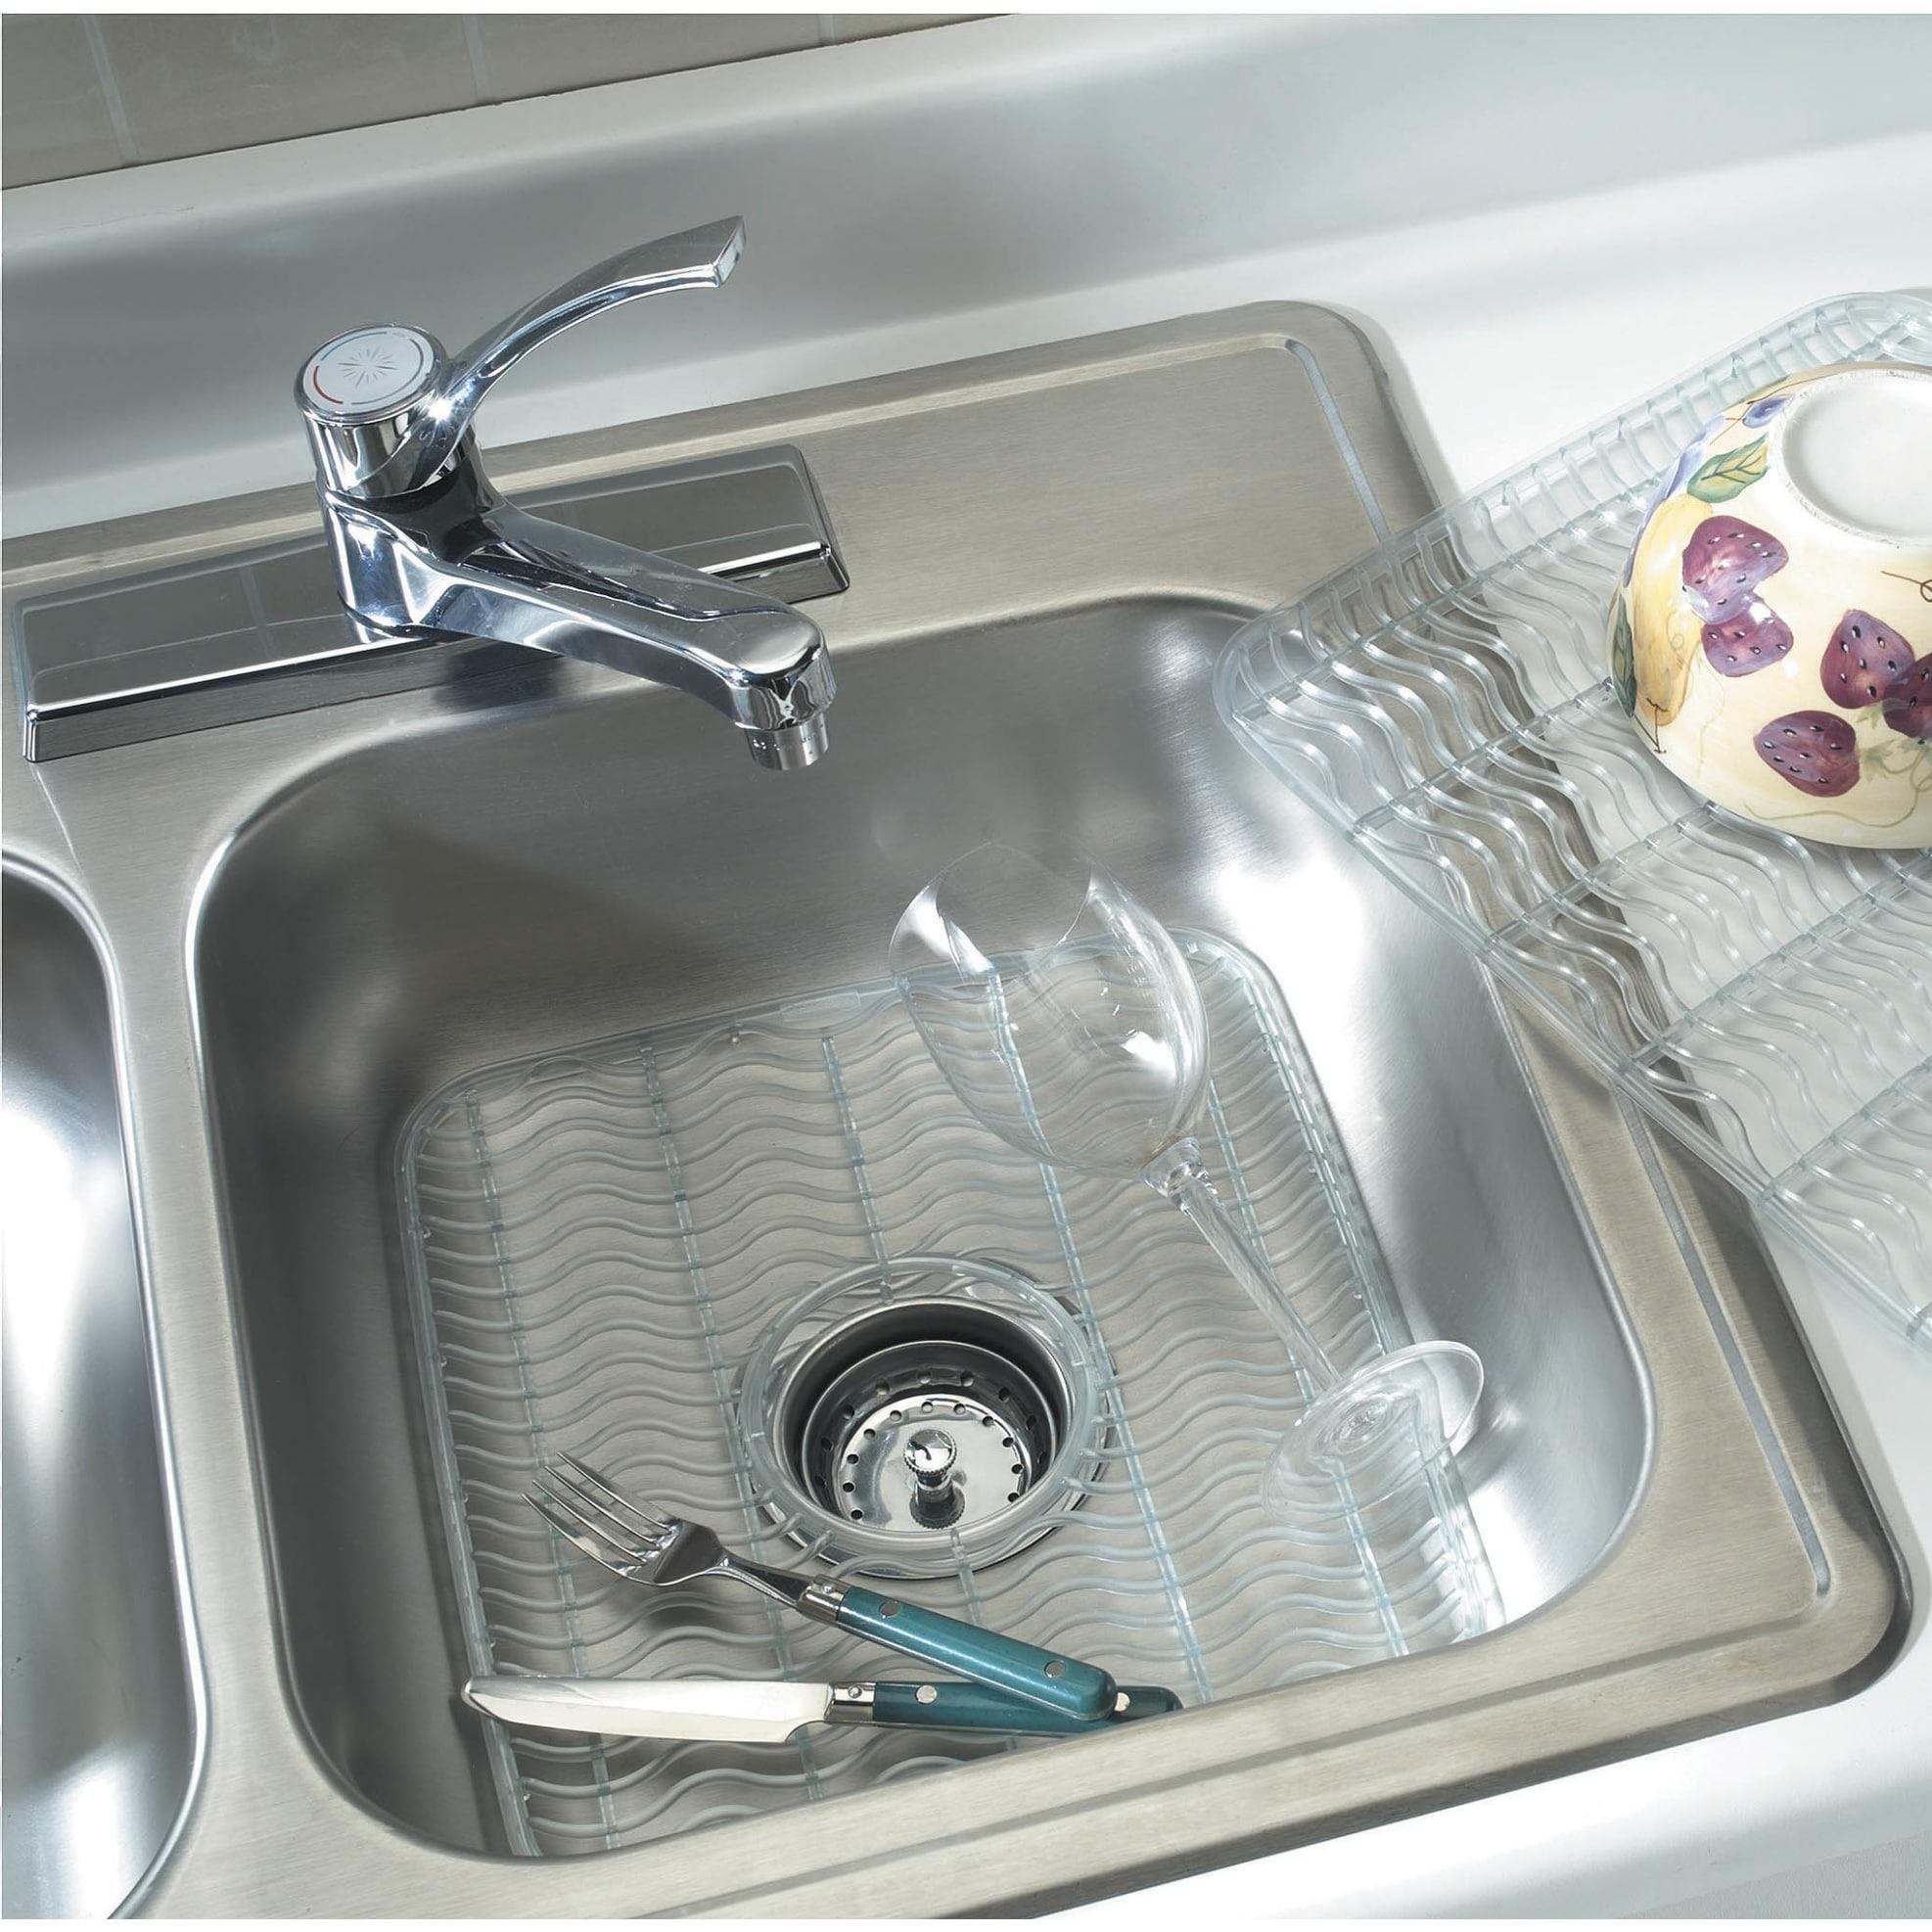 Rubbermaid 129506 11.5 Inch Wide Single Basin Sink Mat - Clear